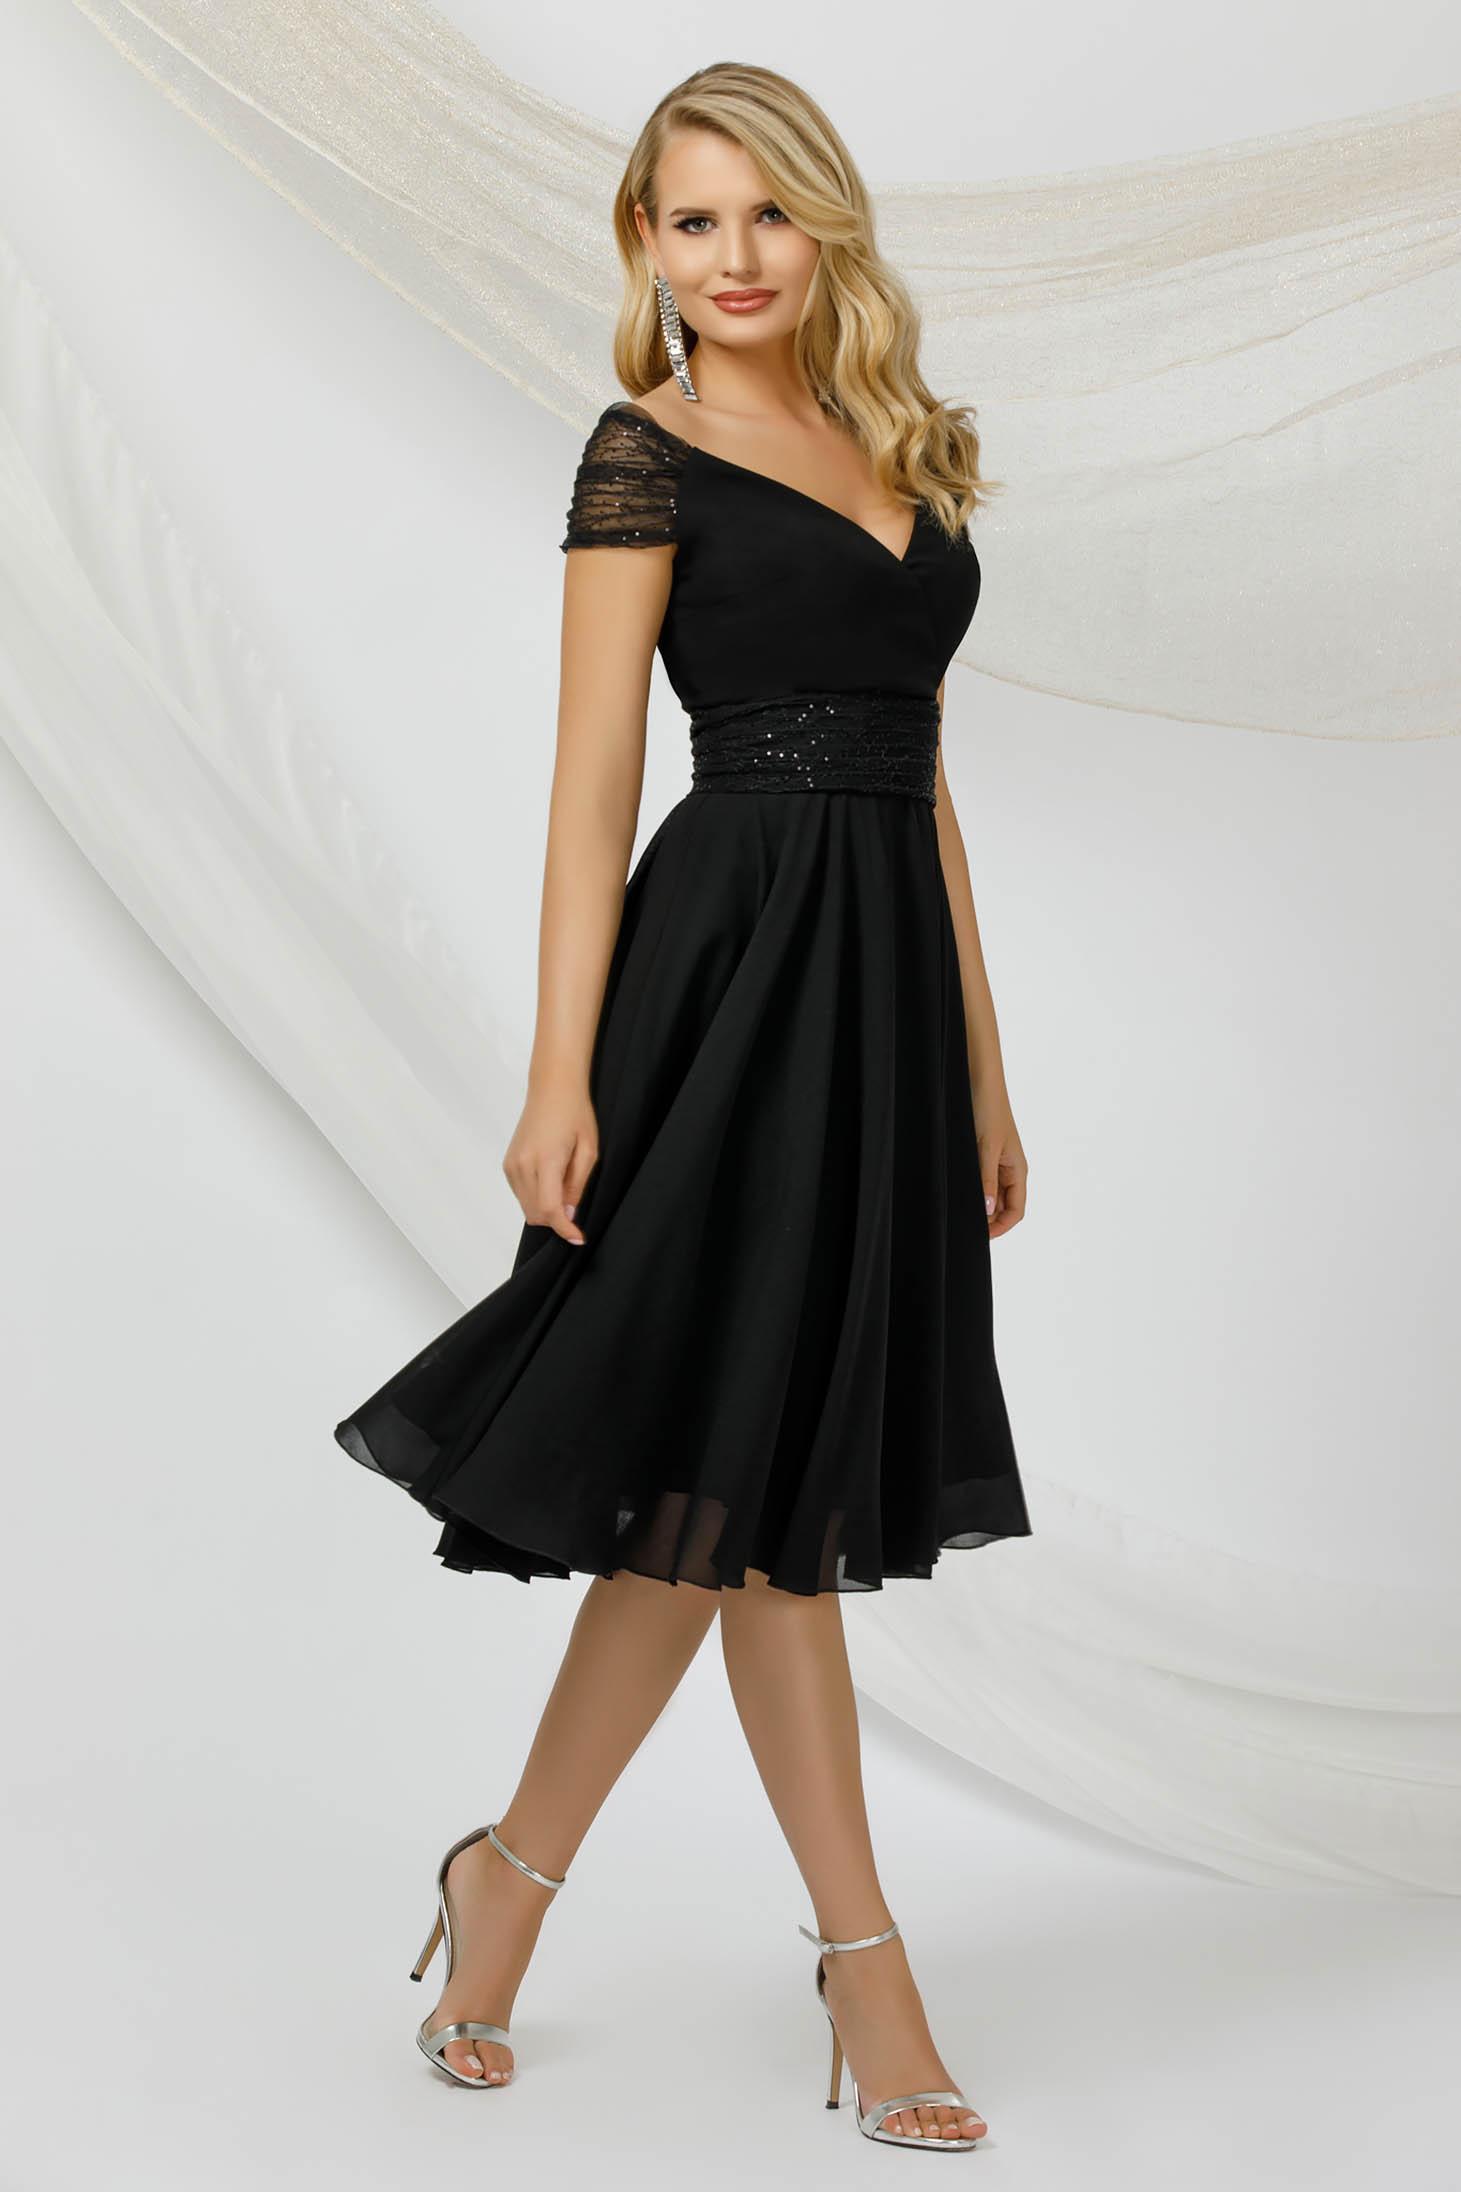 Alkalmi midi fekete ruha vékony muszlinból flitteres díszítéssel